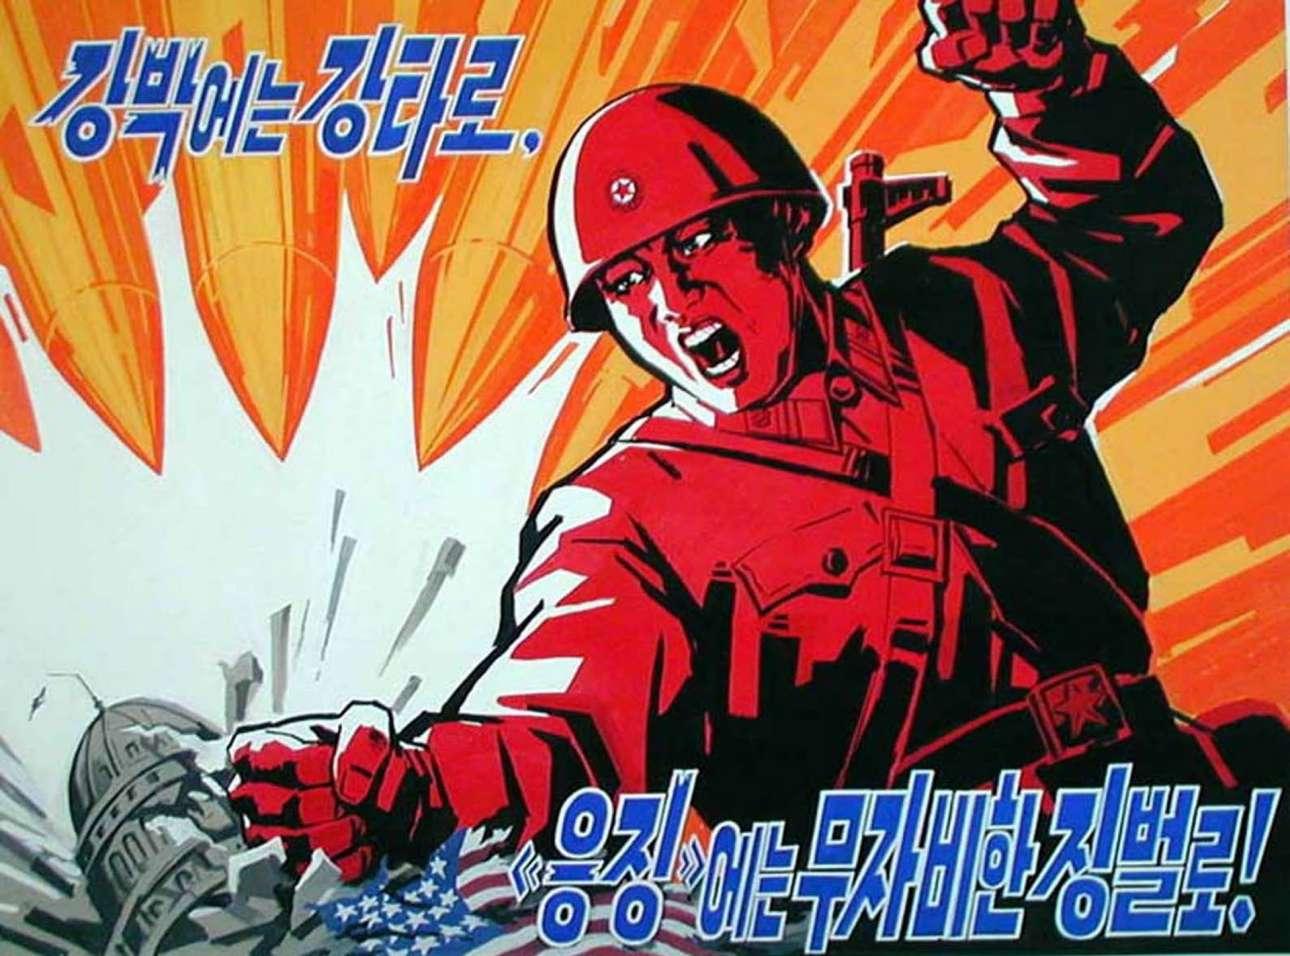 Η στρατιωτική υπεροχή της Βόρειας Κορέας δεσπόζει σε όλες τις προπαγανδιστικές αφίσες